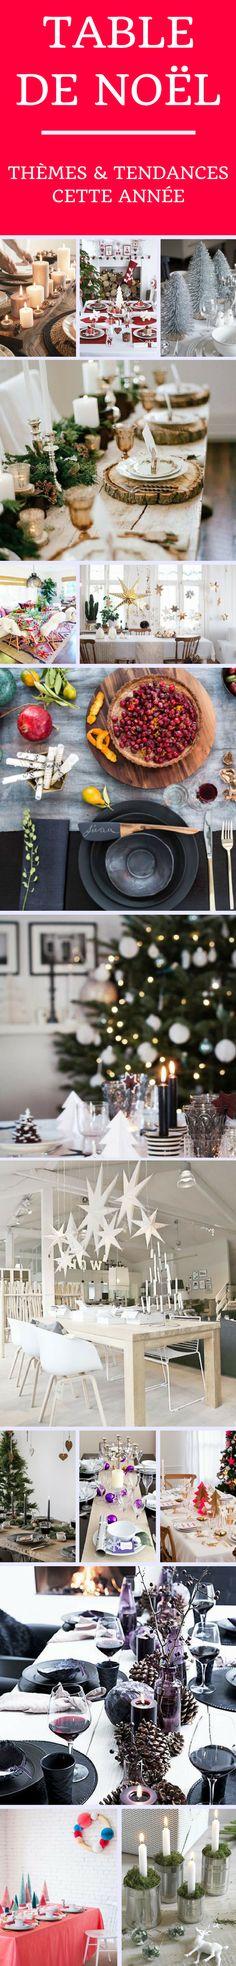 Les thèmes et les tendances de cette année pour la table de Noël !